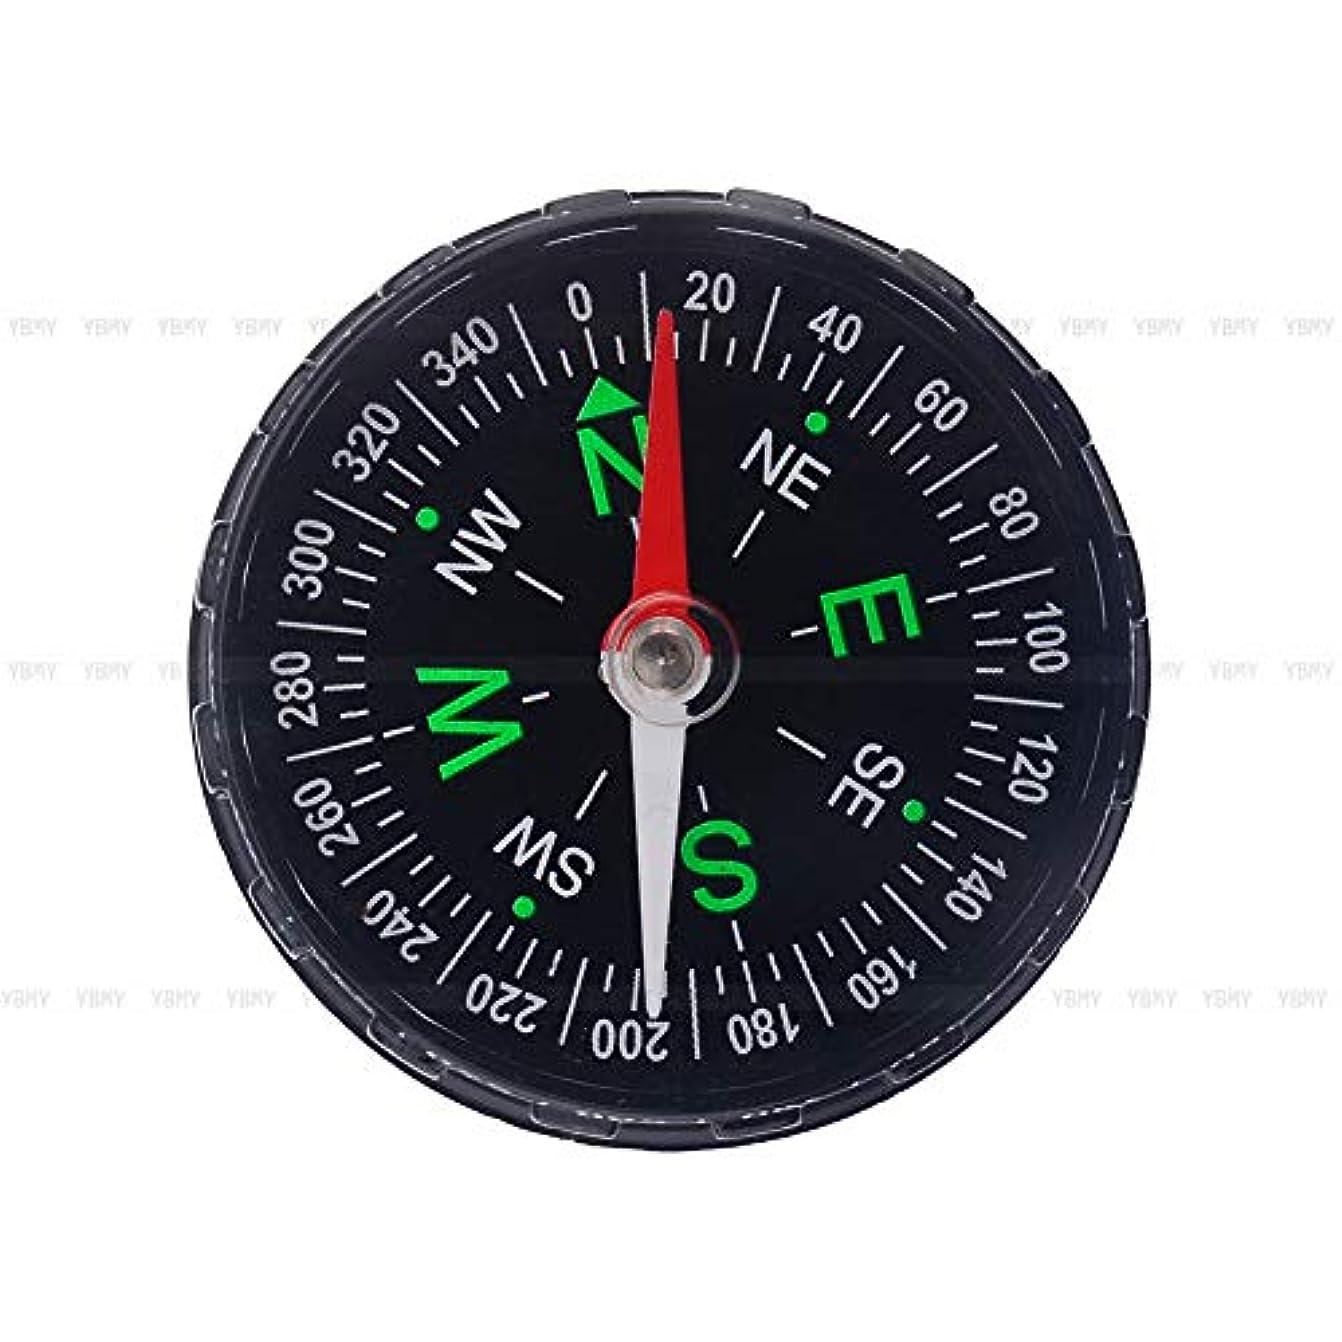 年尊敬するふくろう【3枚入り】コンパス 高精度 簡易型 方位磁针 方位磁石 方向指示 アウトドア キャンプ 登山 ハイキング ボート用